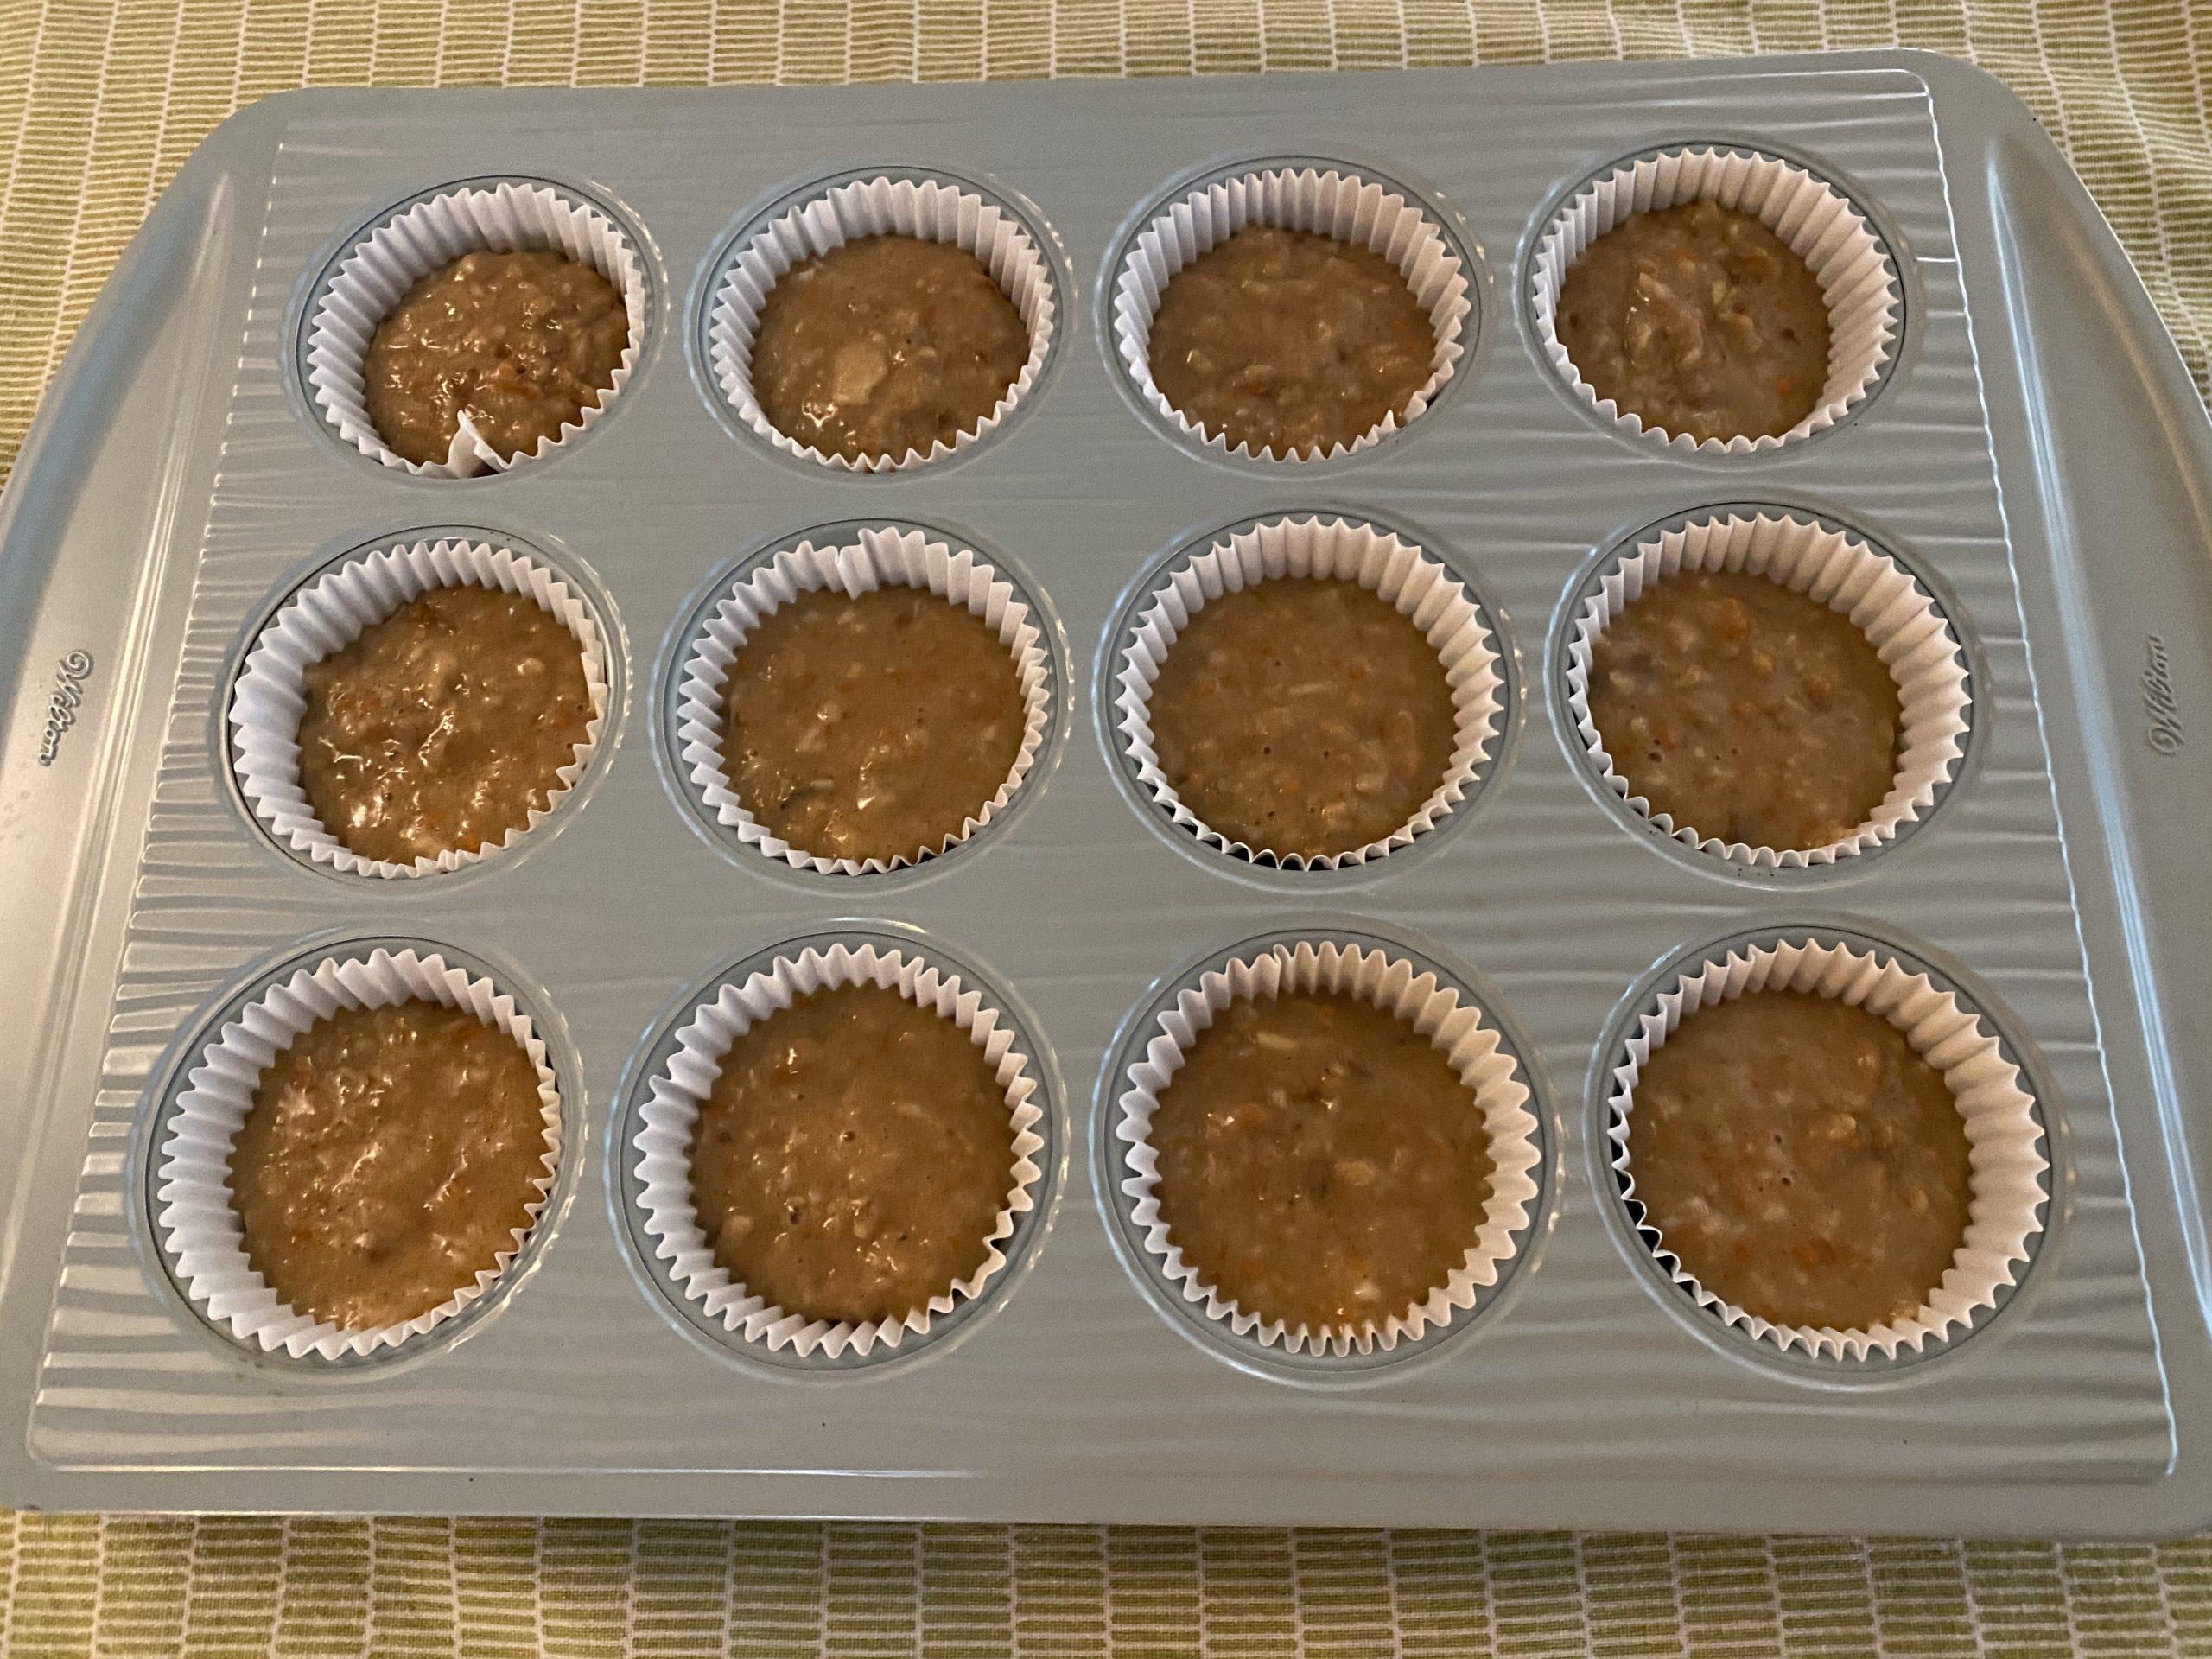 Fill cupcake liners 3/4 full